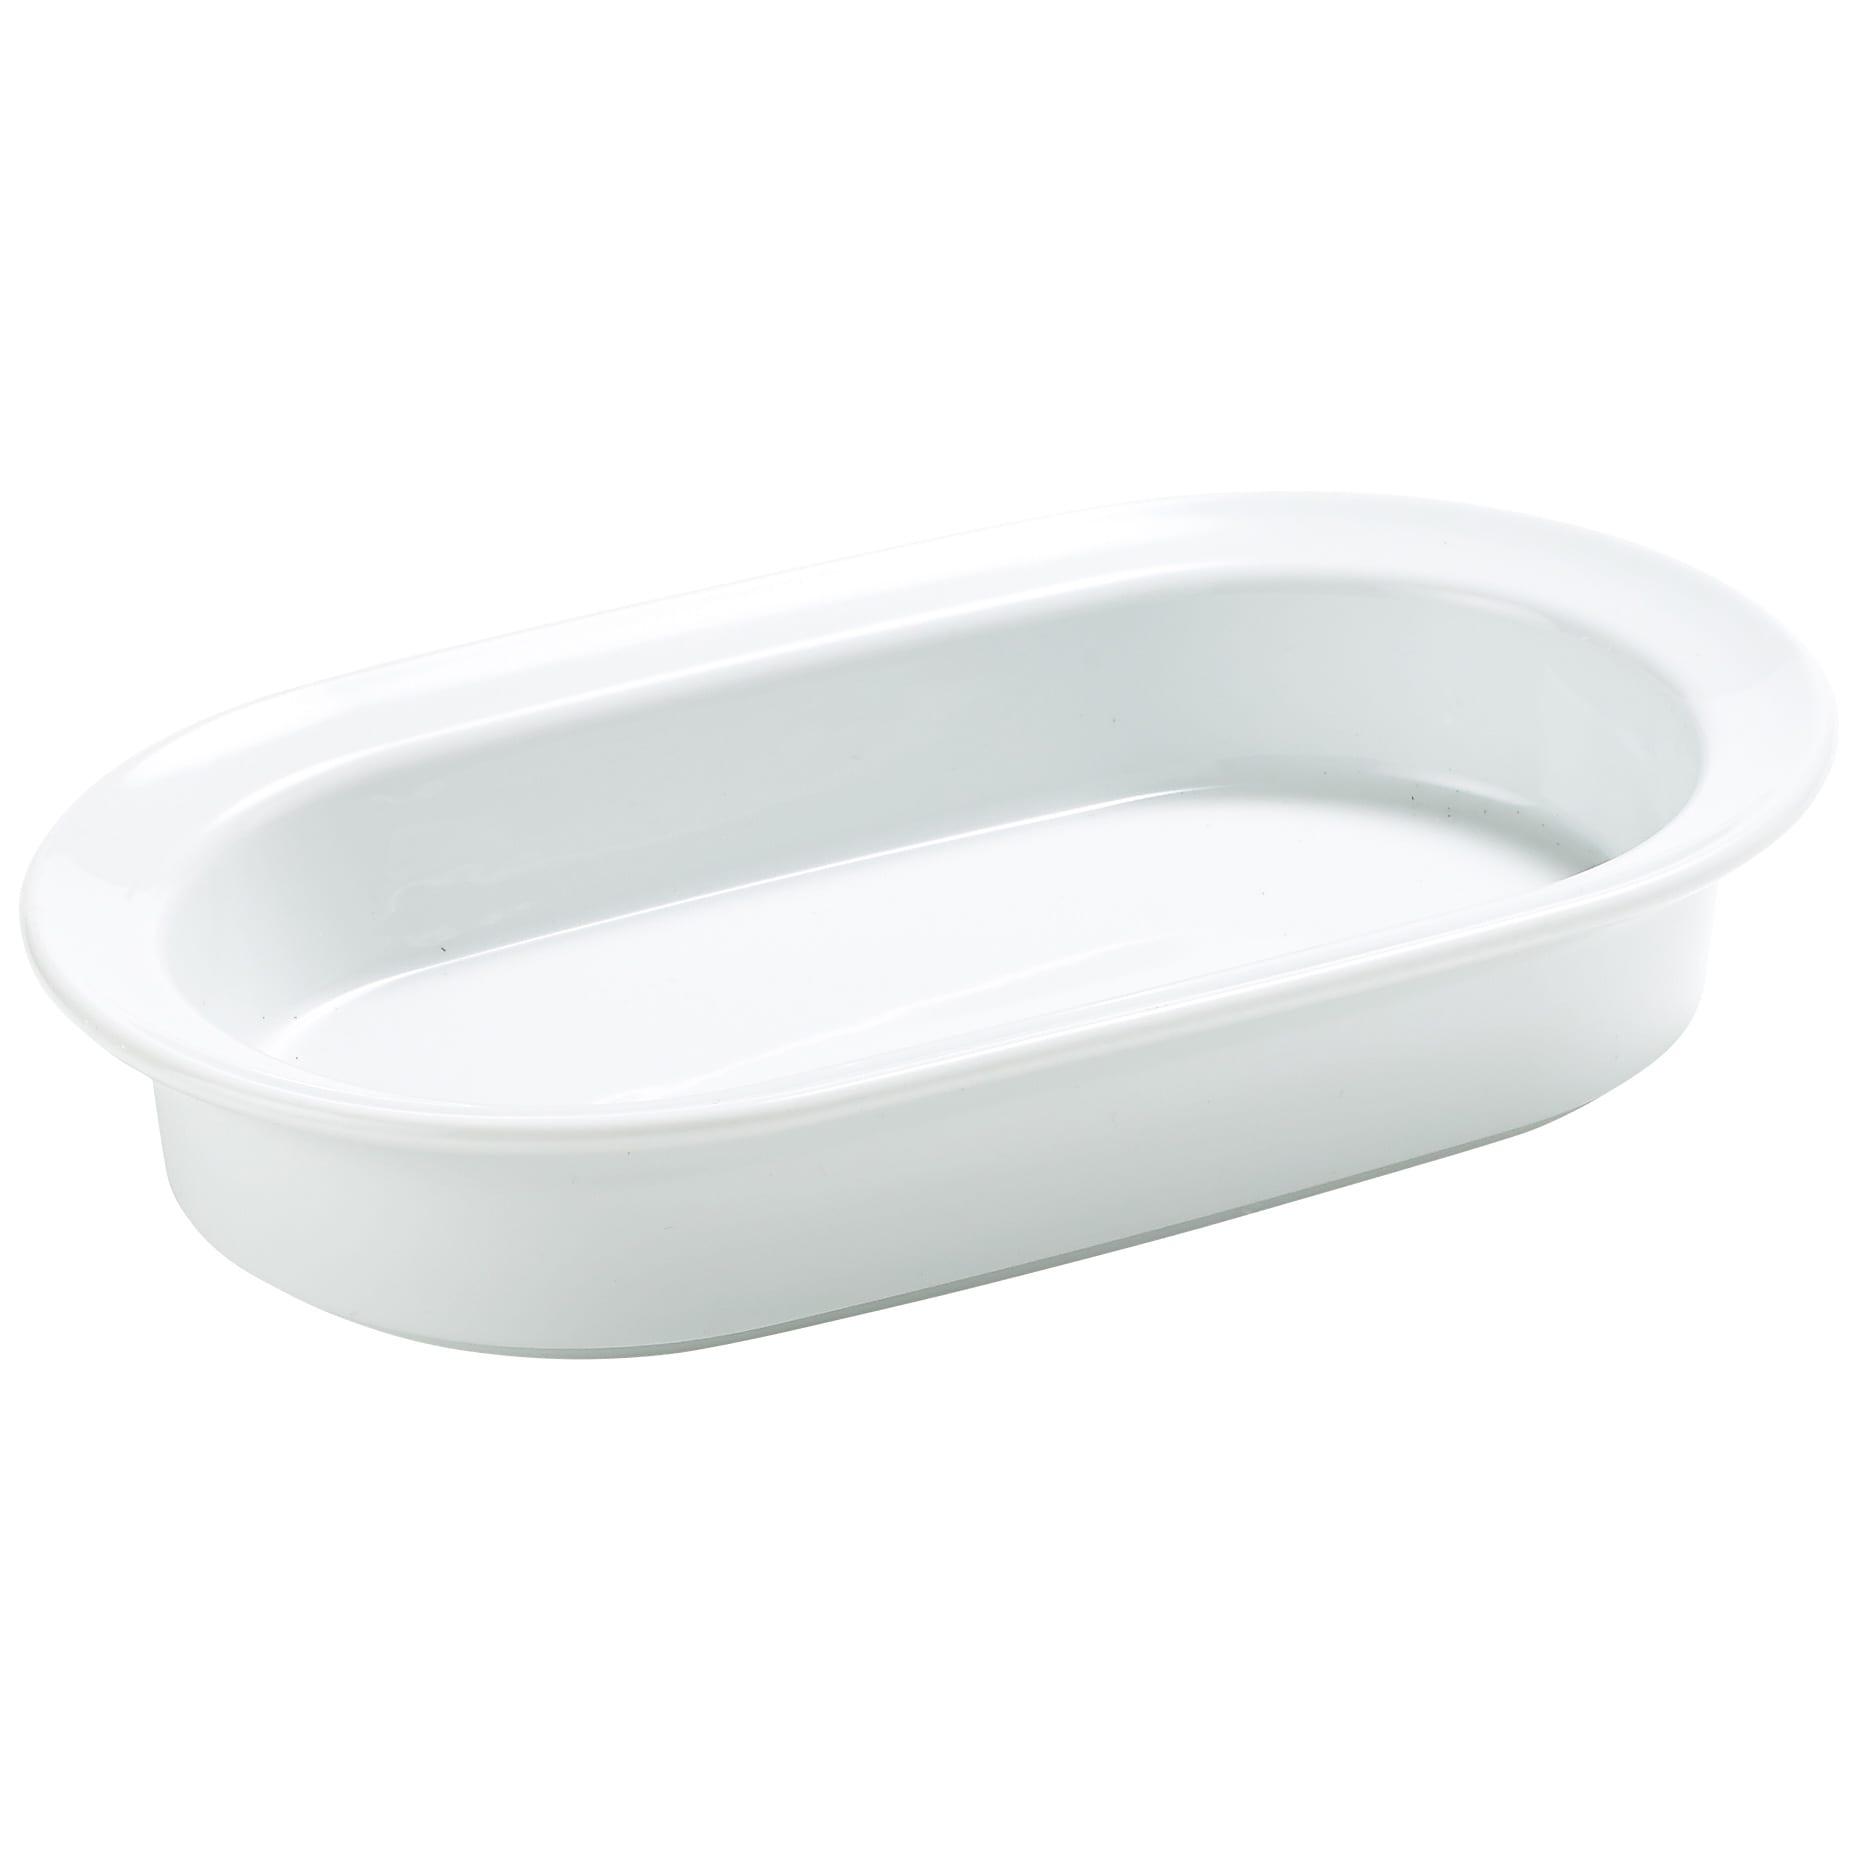 L 28 cm - Porcelæn